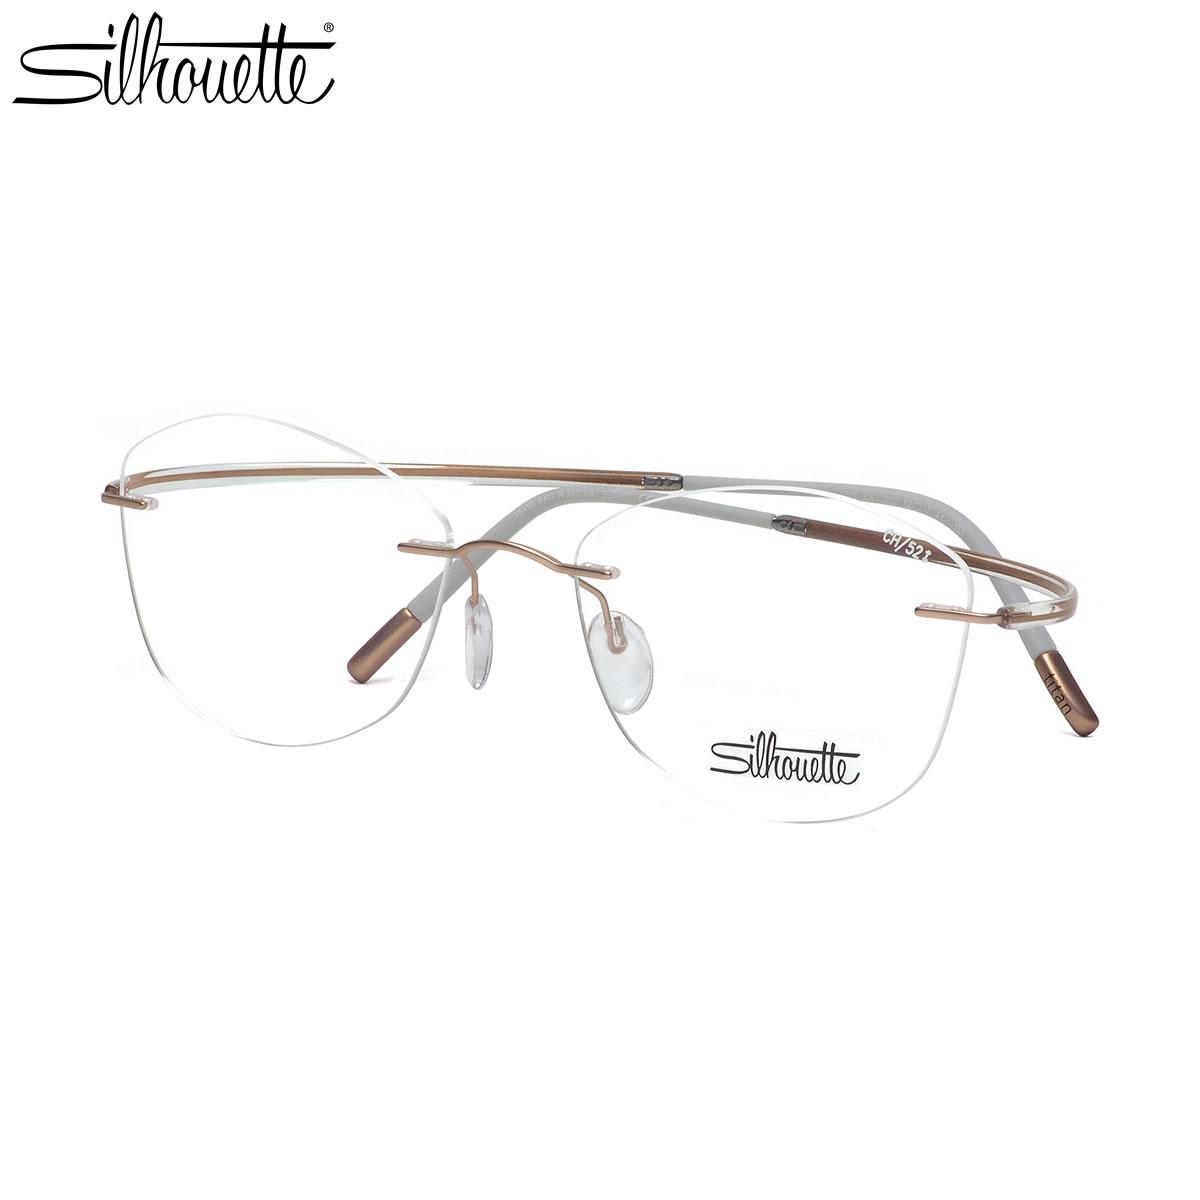 シルエット Silhouette メガネ 5523/CH 3532 52サイズ 伊達メガネレンズ無料 メンズ レディース